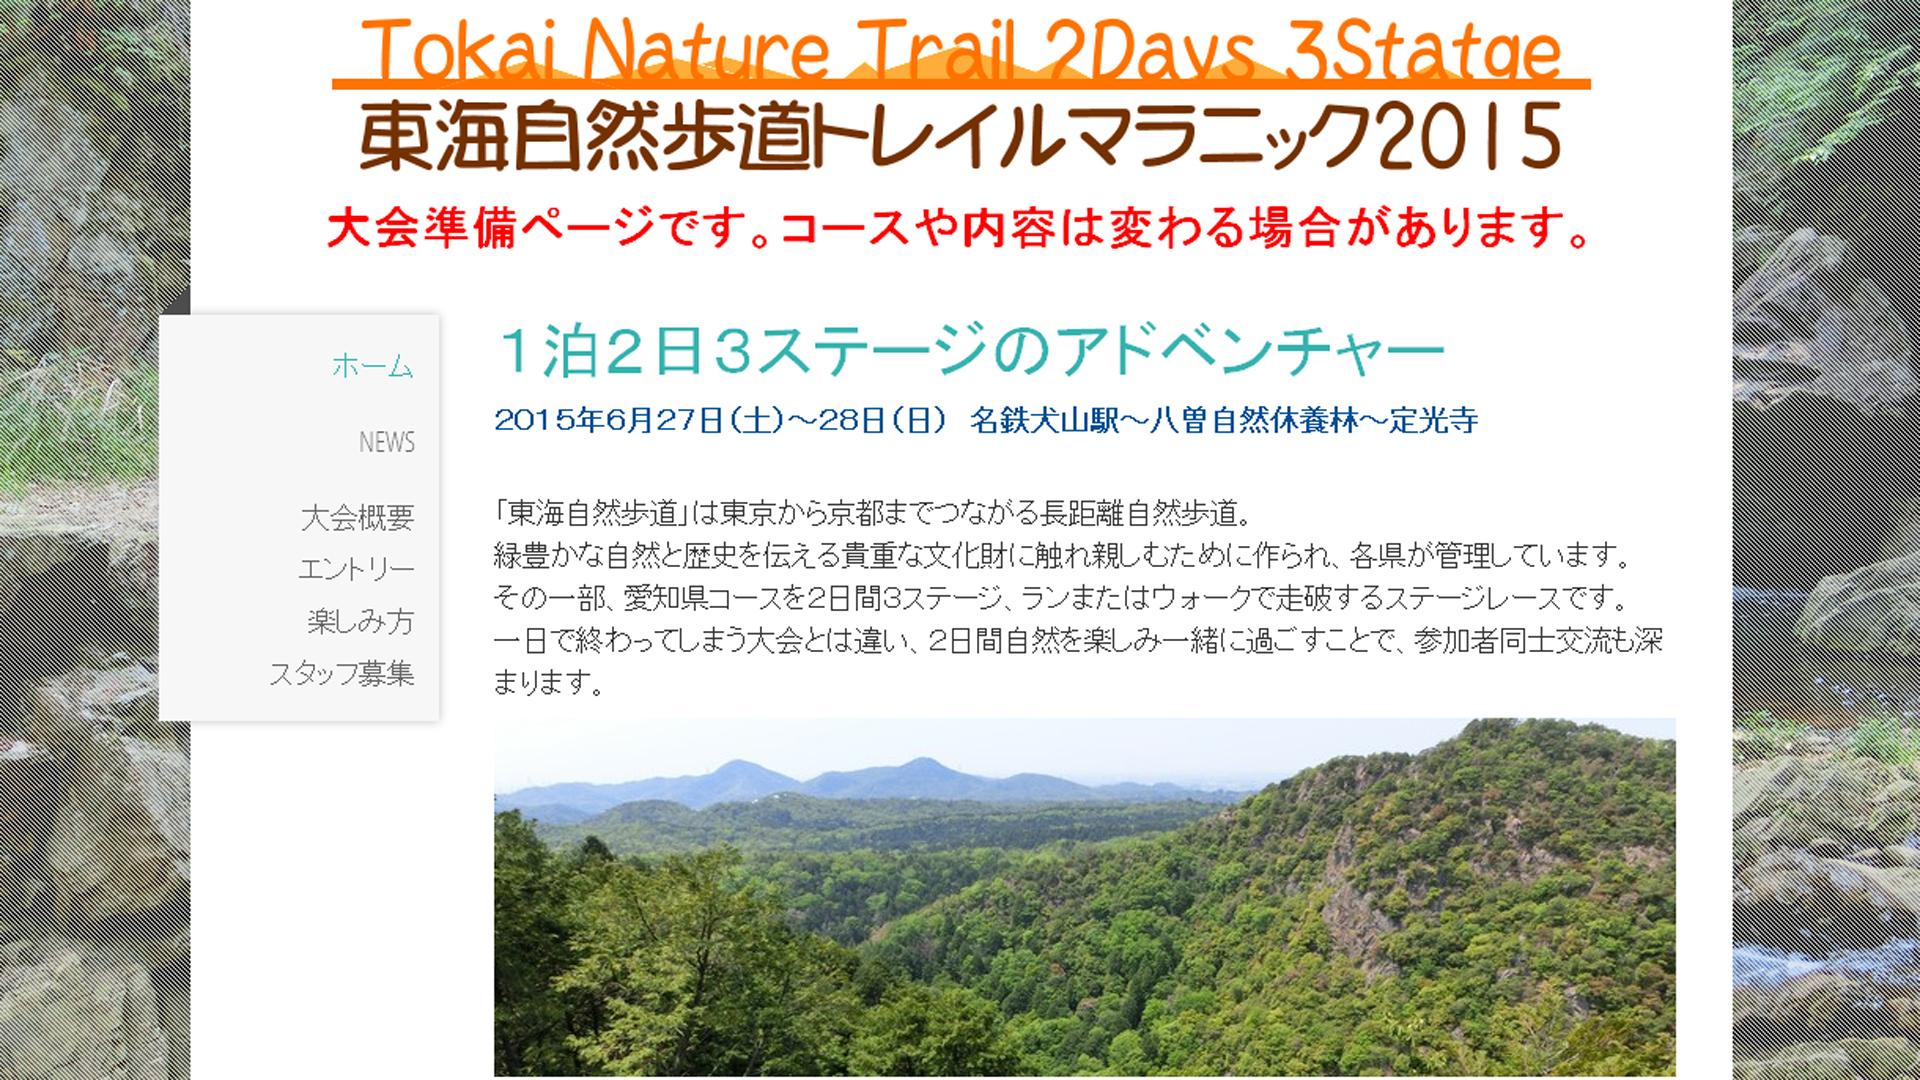 東海自然歩道トレイルマラニック2015開催